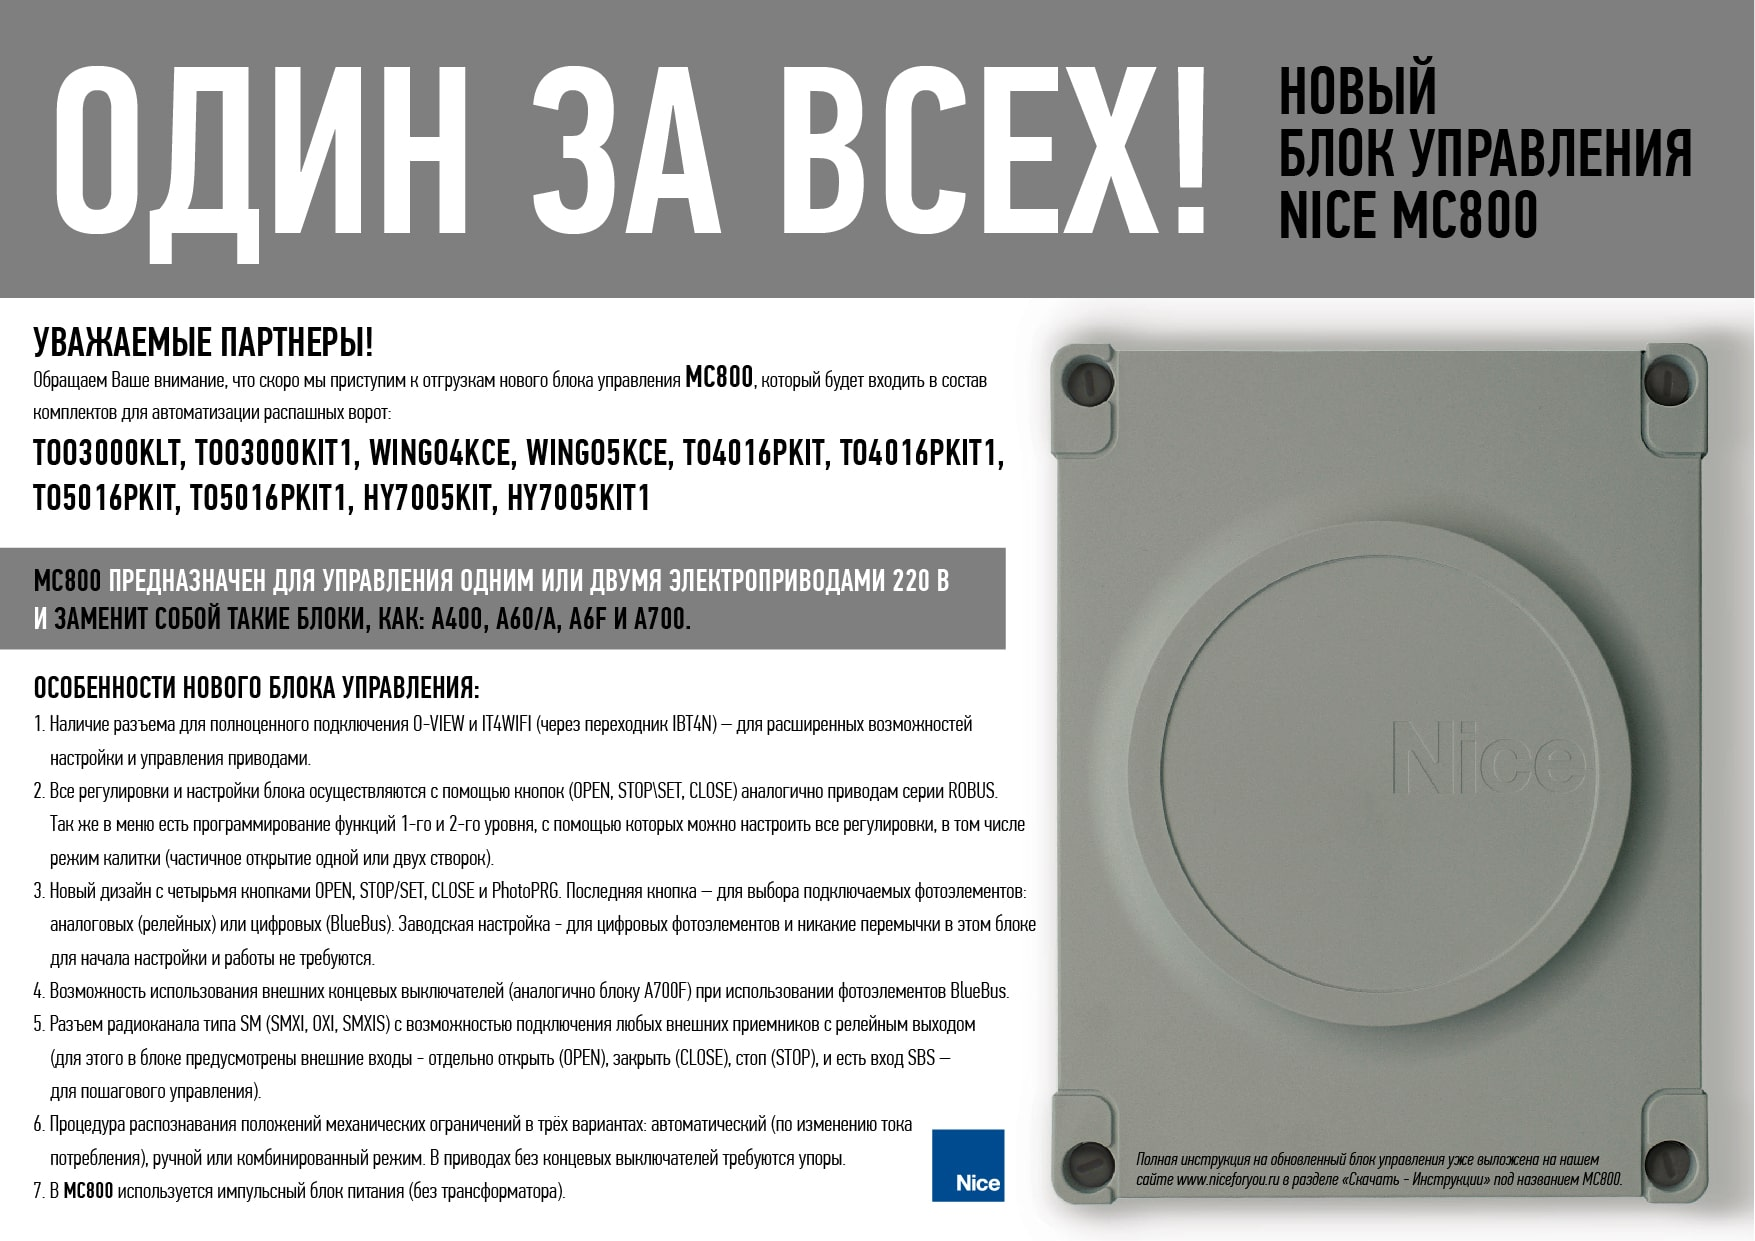 Один за всех! Новый блок управления NICE MC800.